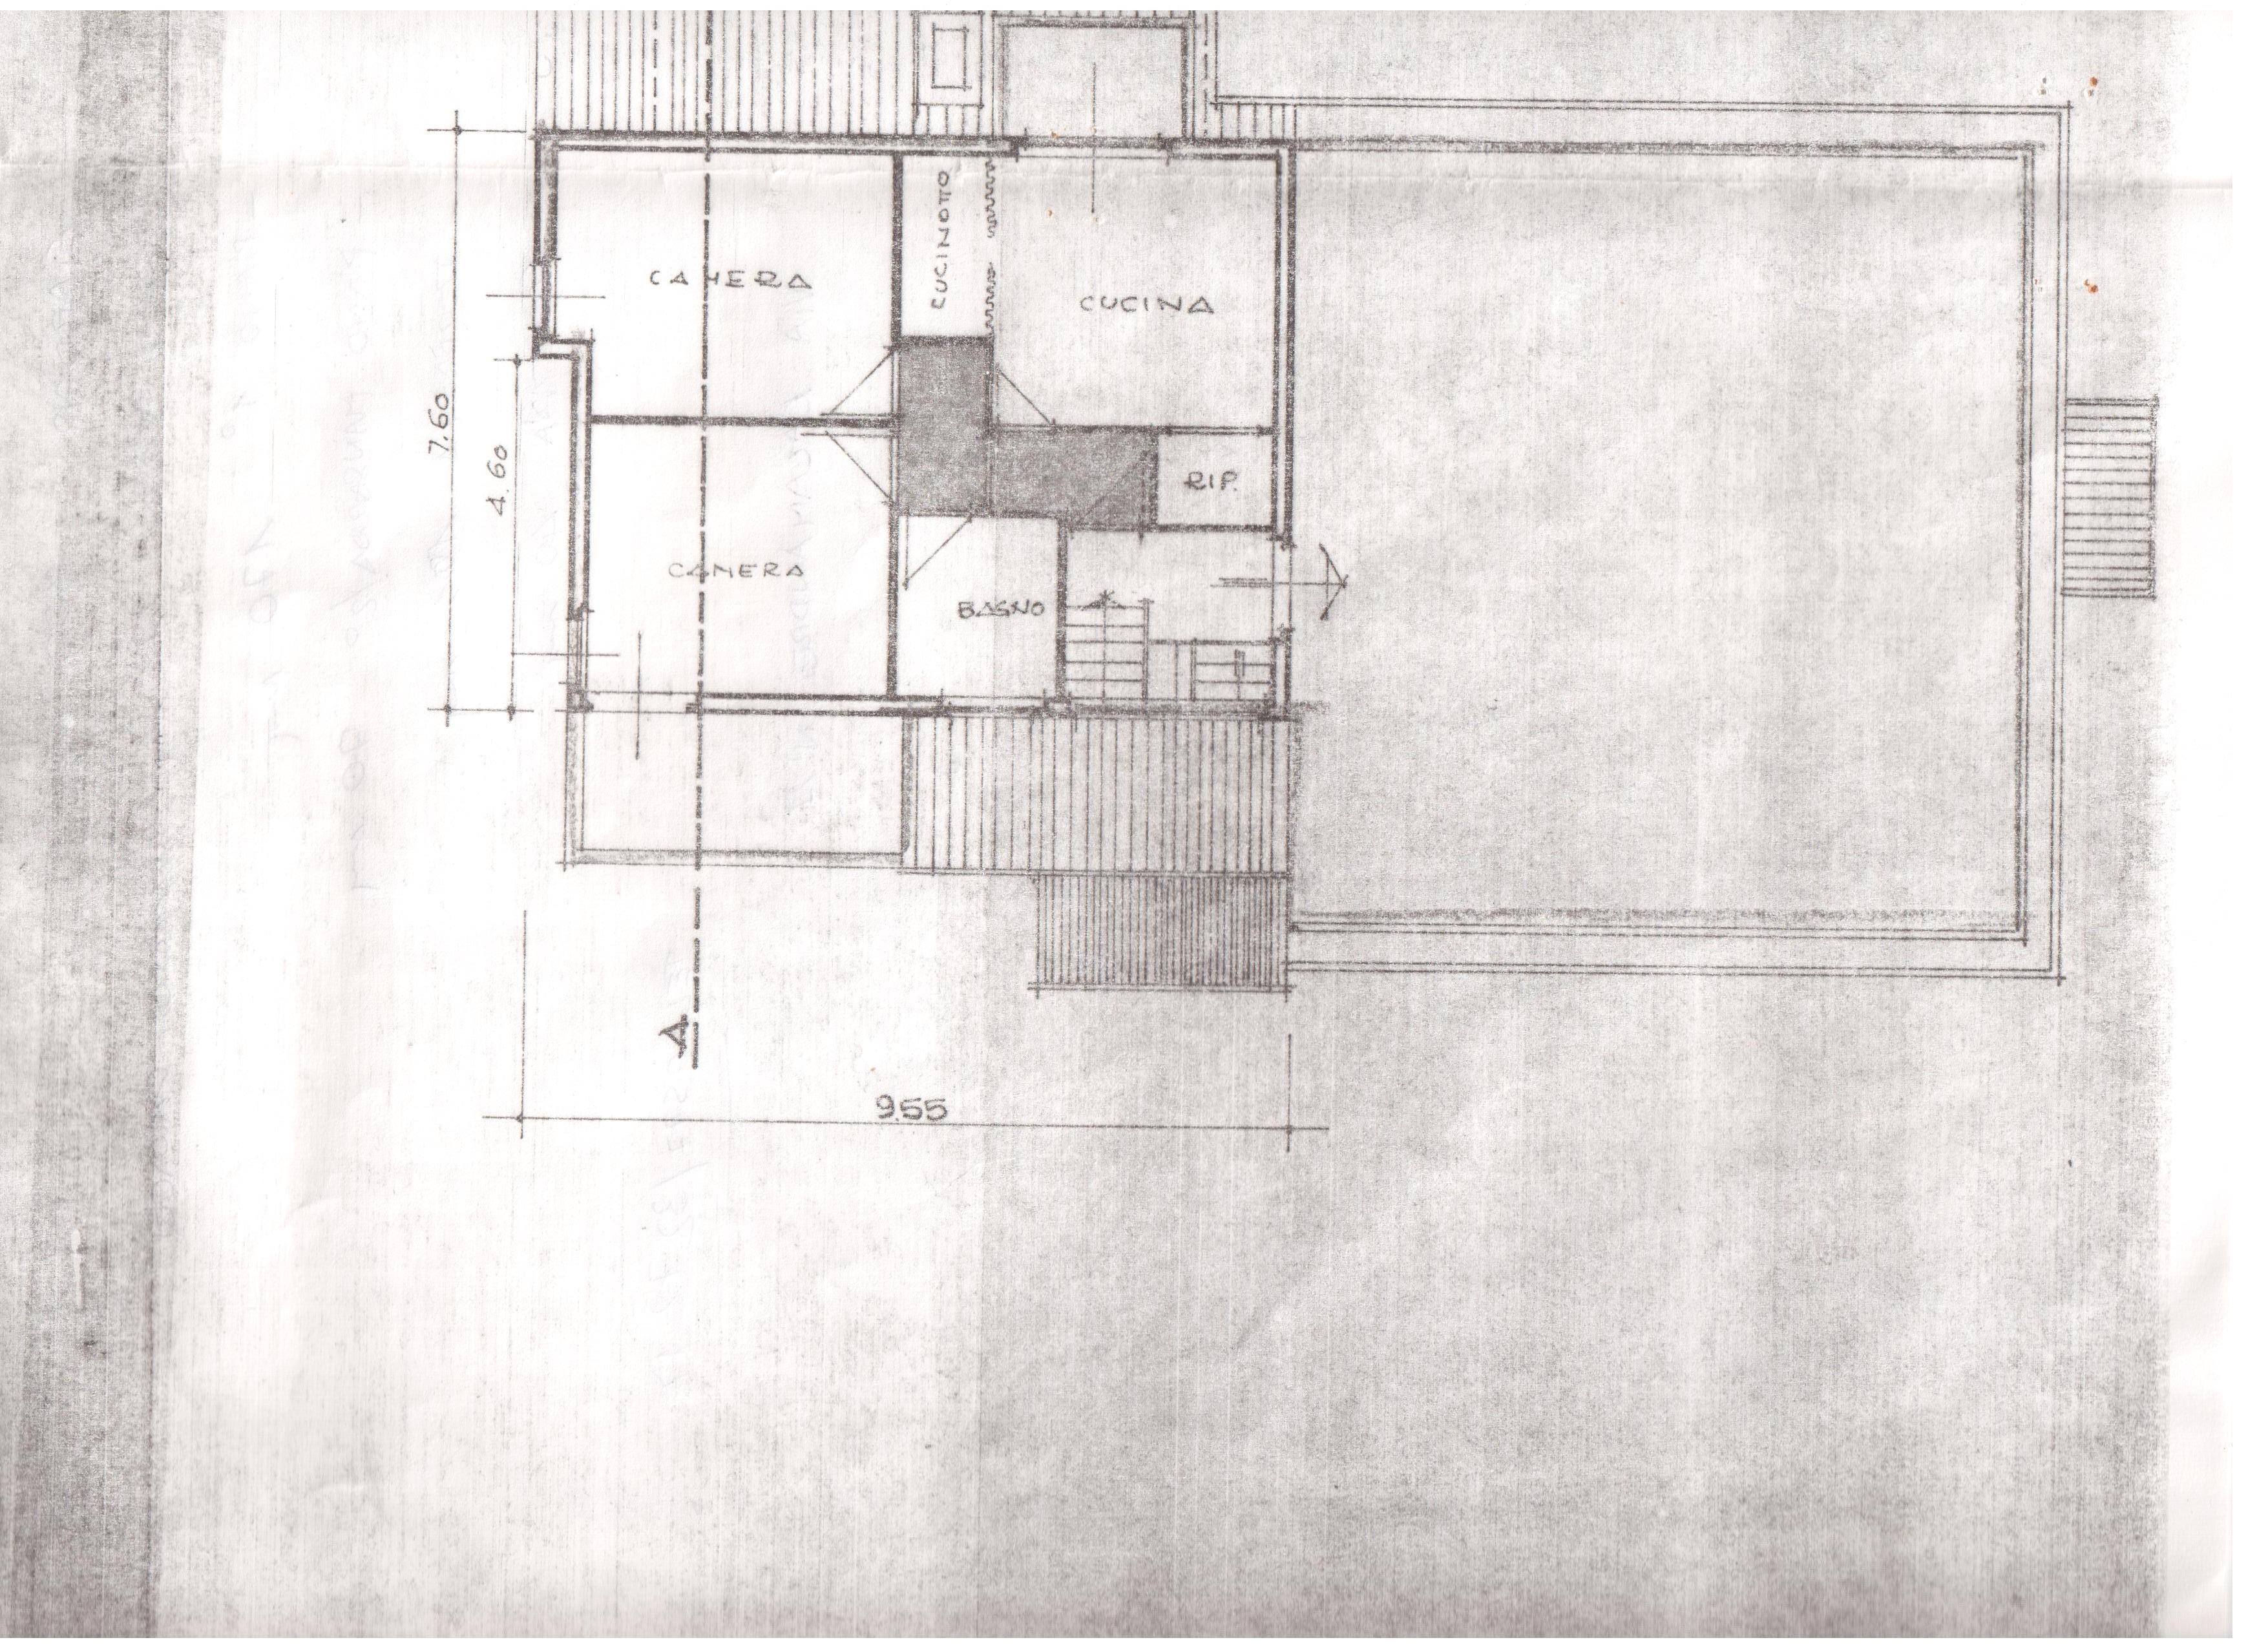 Villetta a schiera in vendita, rif. R/252 (Planimetria 1/1)